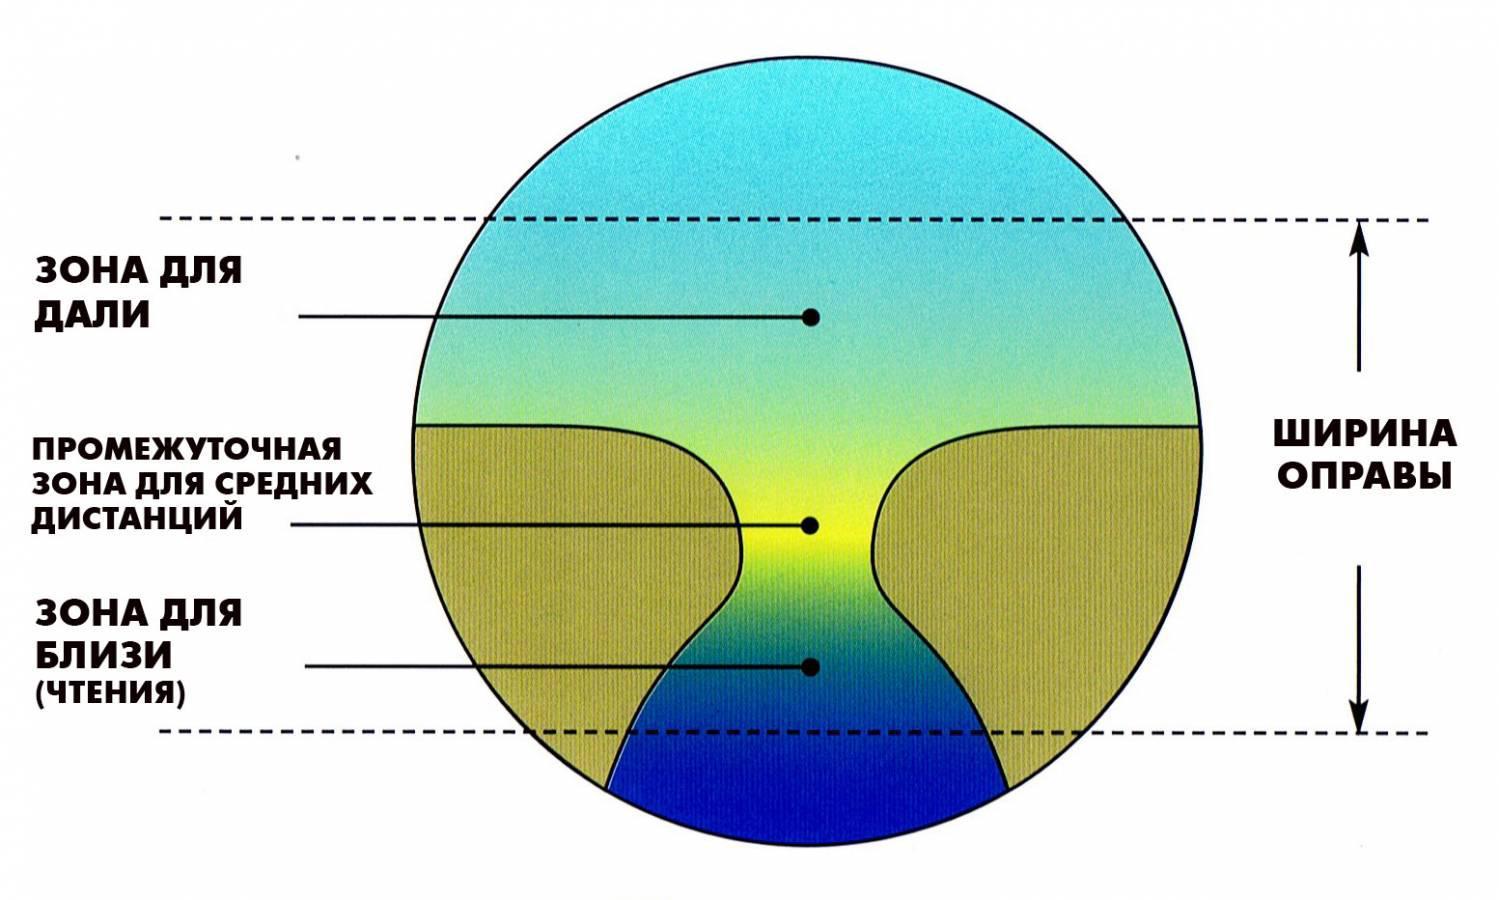 látás hyperopia plusz vagy mínusz látásvizsgálat luxusoptikában